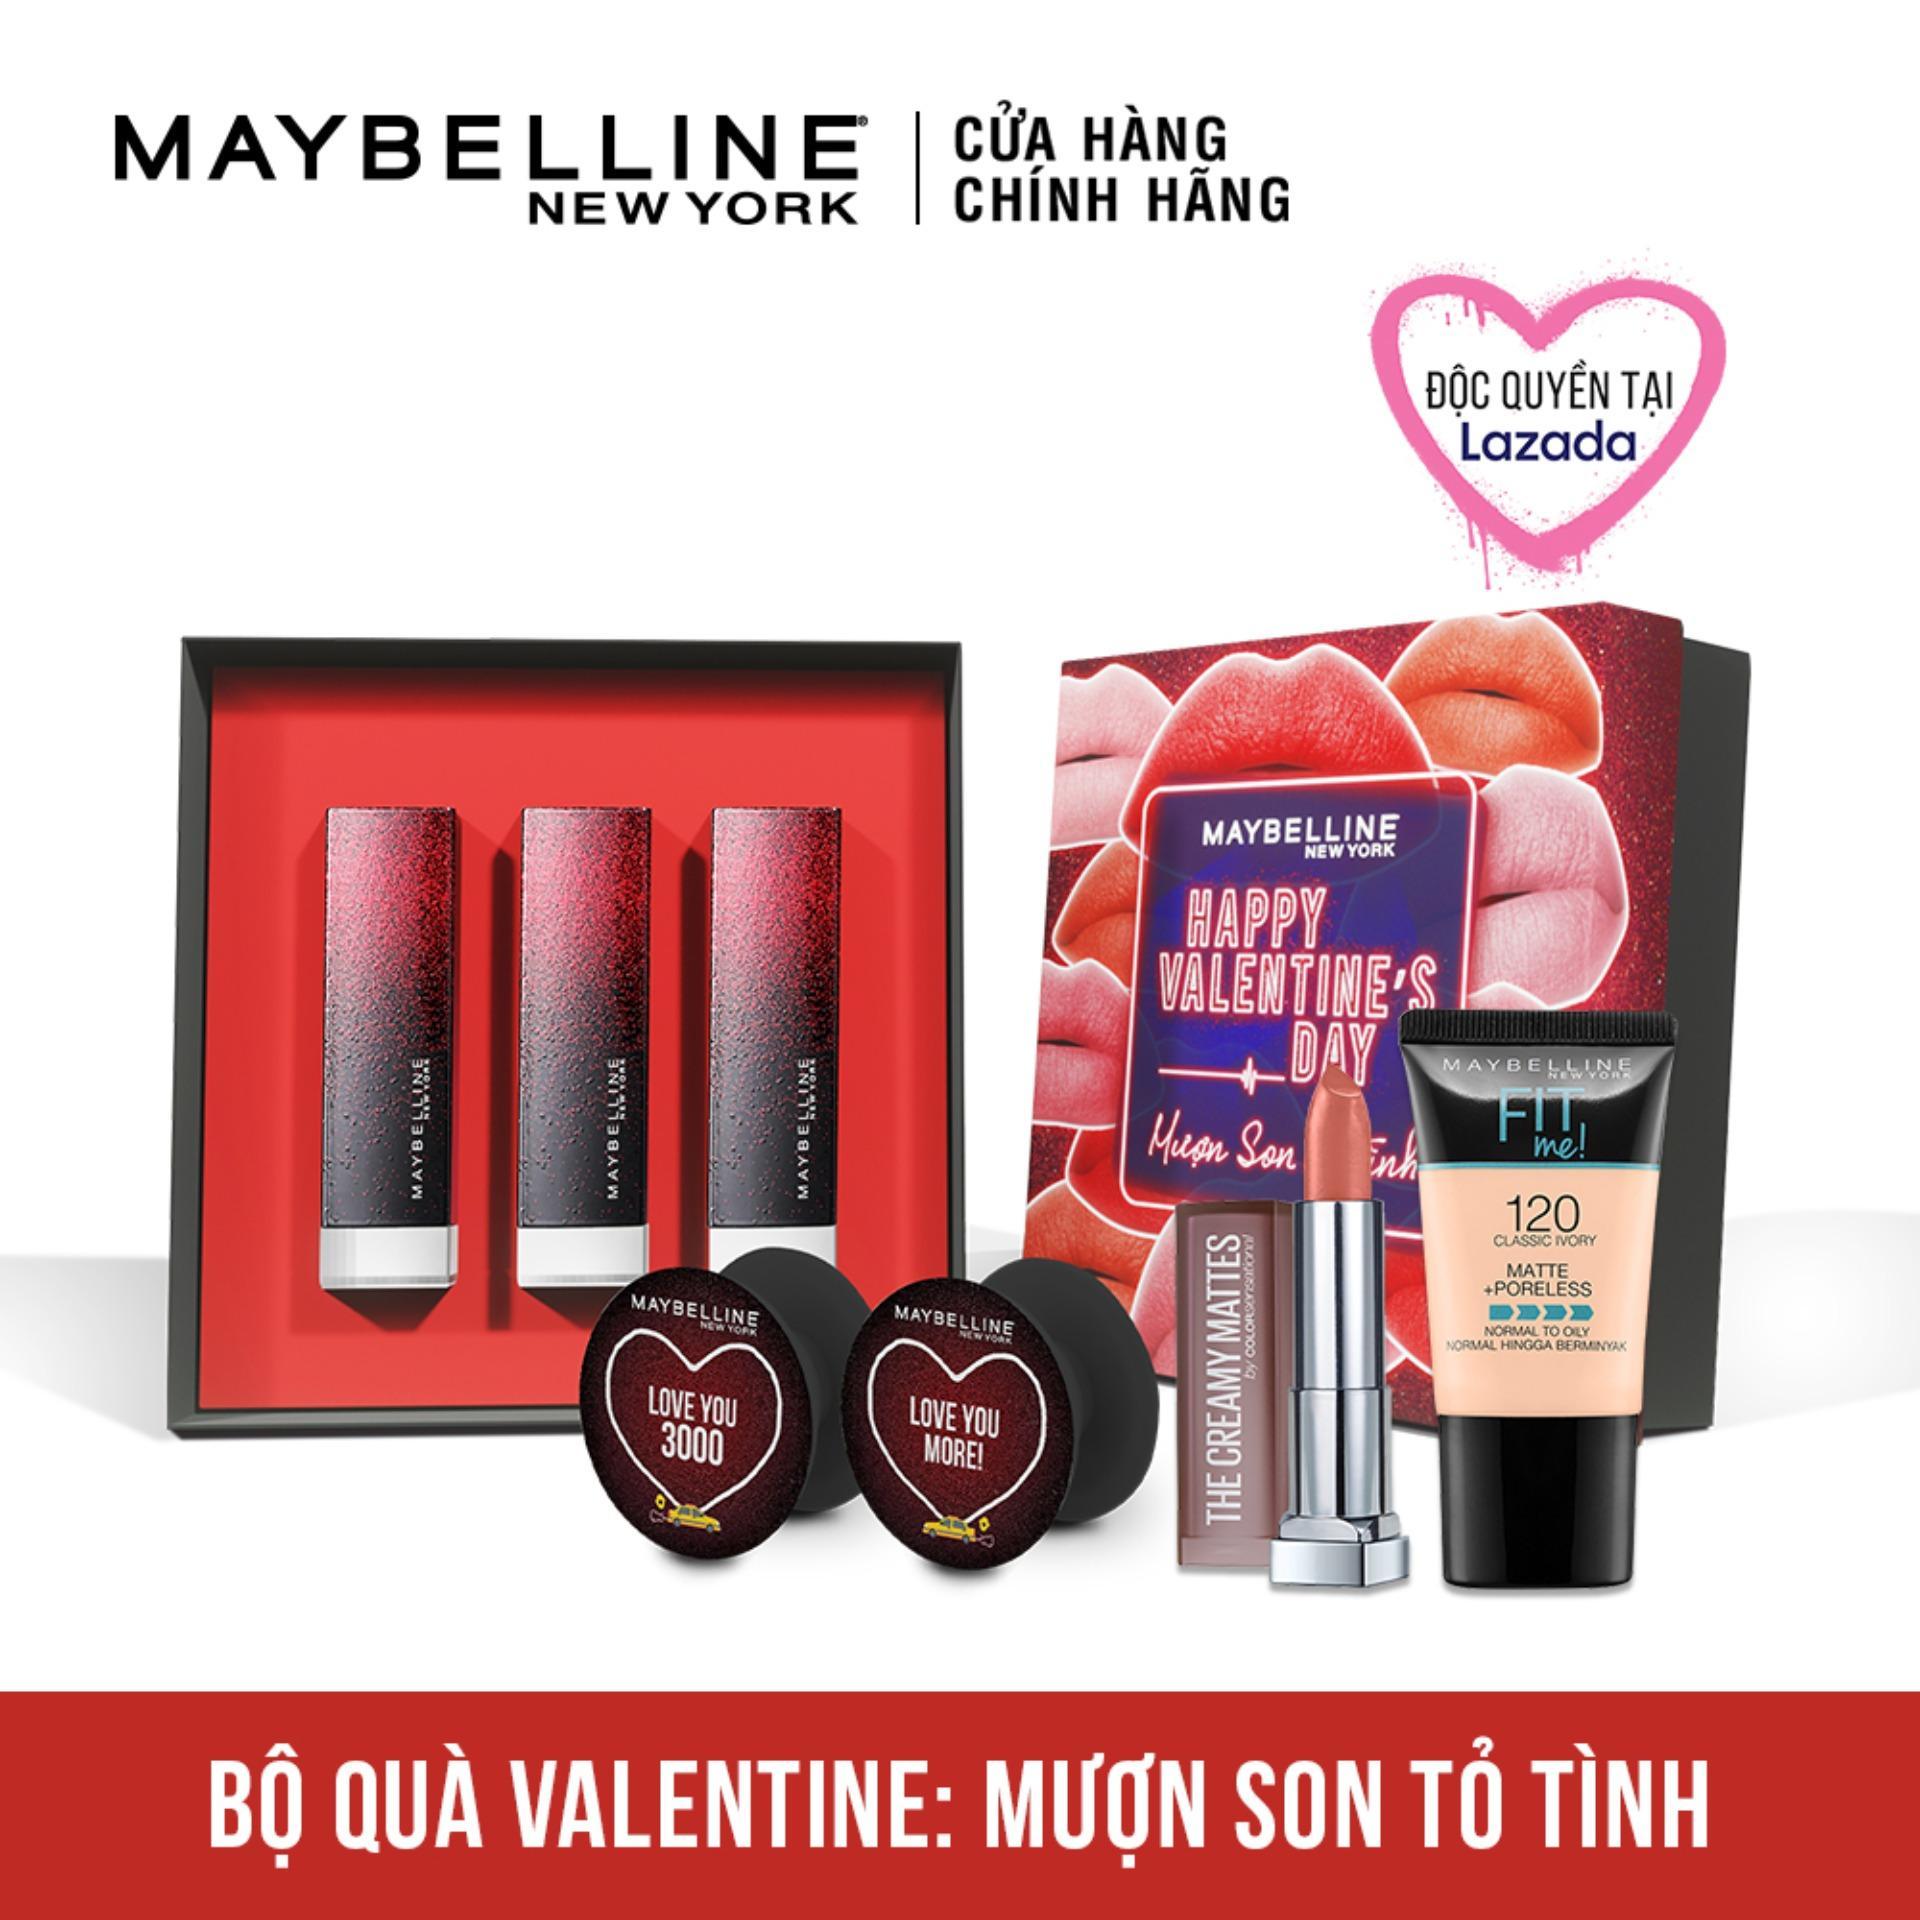 Bộ trang điểm son lì lâu trôi Mượn son tỏ tình Maybelline - Phiên bản giới hạn dành riêng cho Valentine